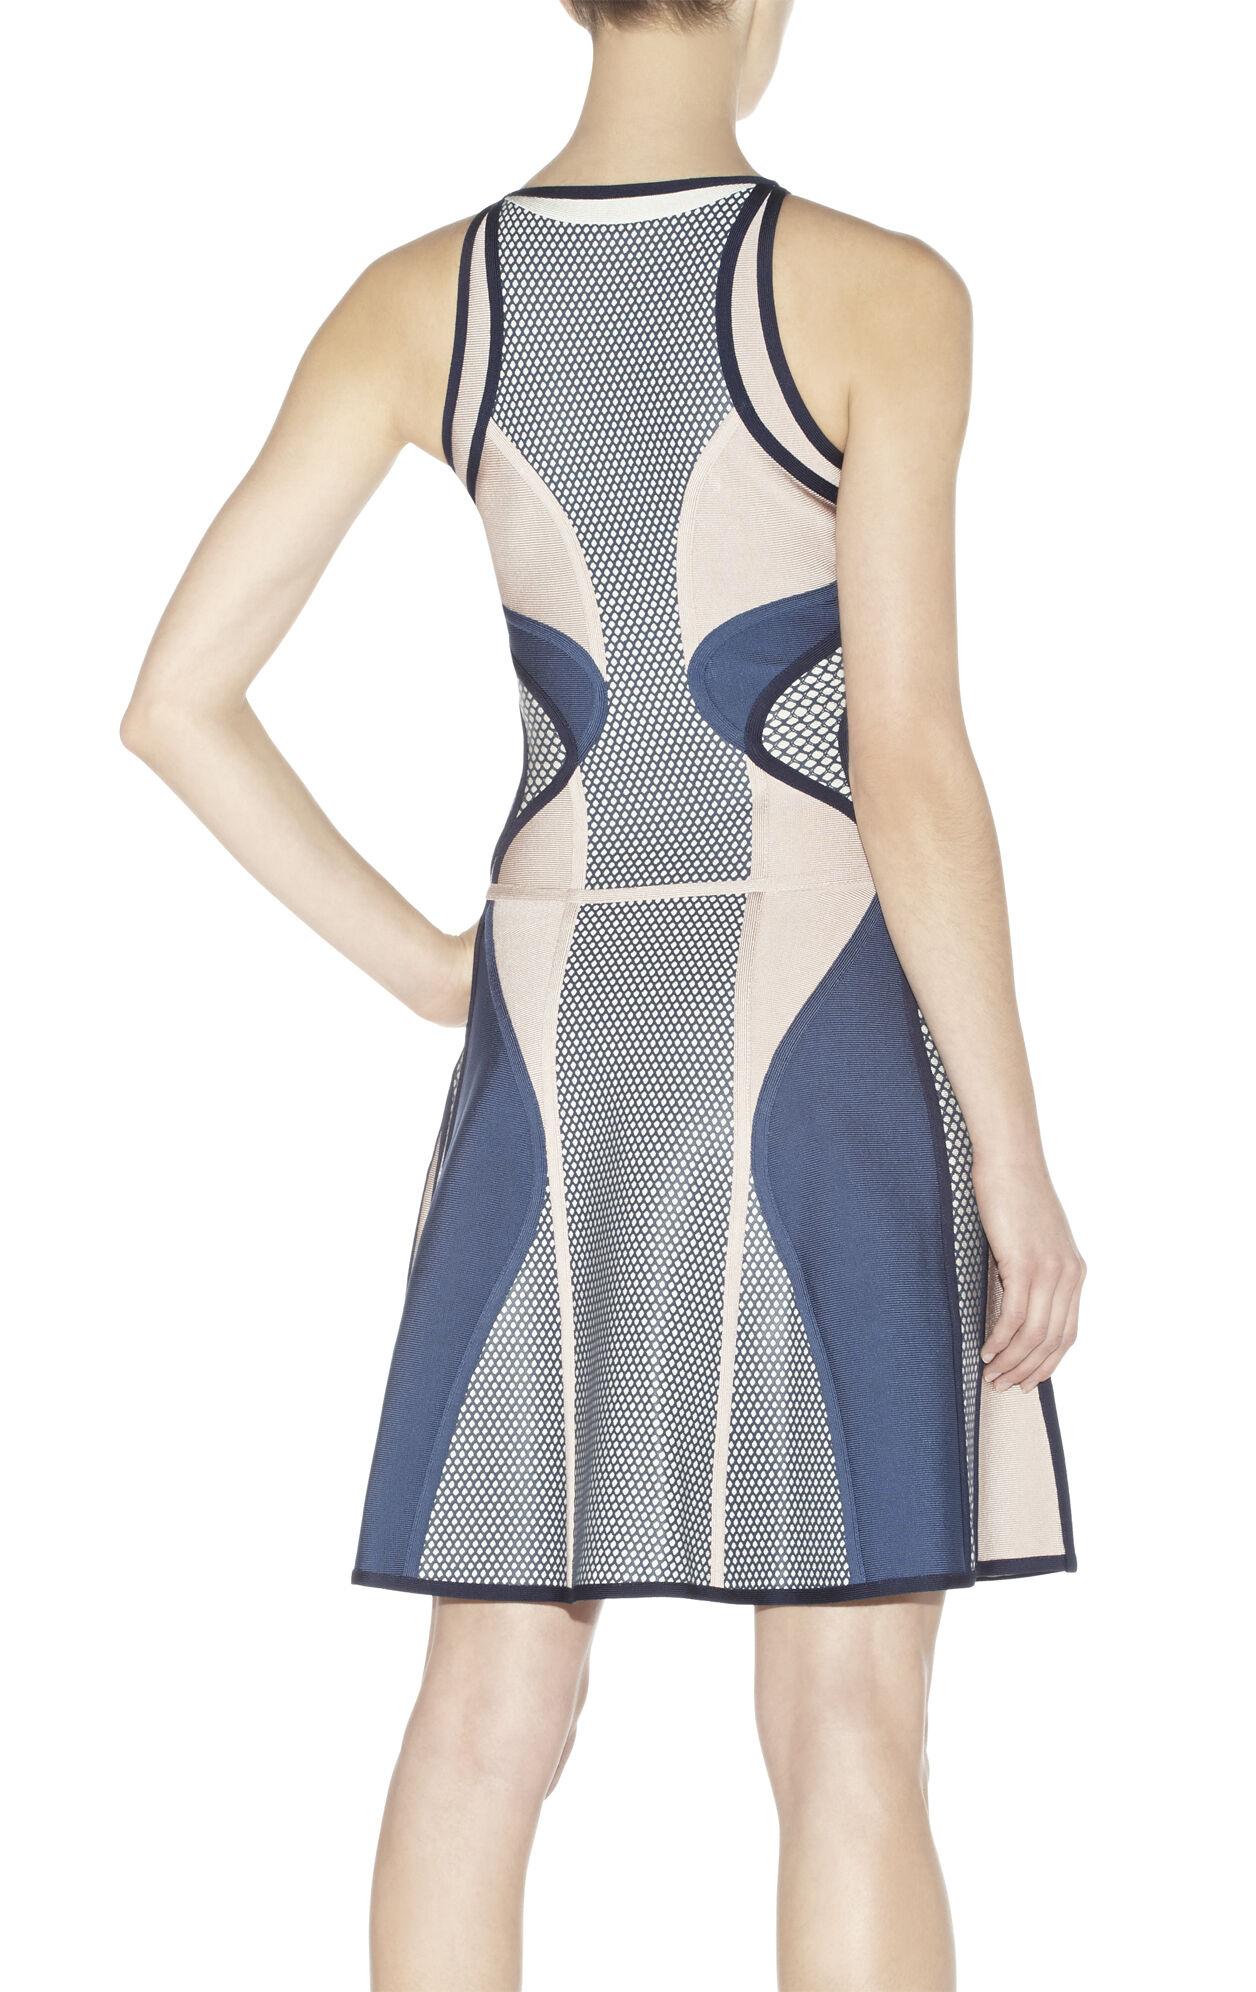 Natia Colorblocked Puffa-Print Dress